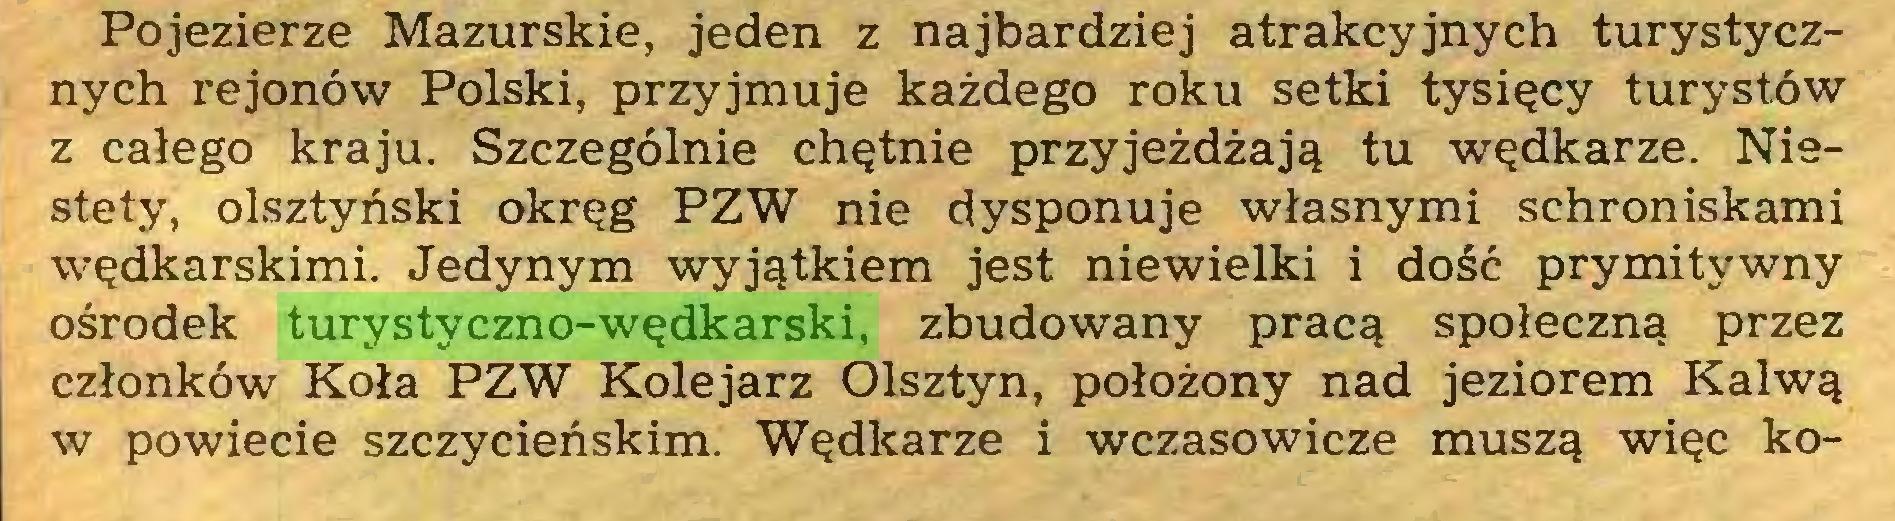 (...) Pojezierze Mazurskie, jeden z najbardziej atrakcyjnych turystycznych rejonów Polski, przyjmuje każdego roku setki tysięcy turystów z całego kraju. Szczególnie chętnie przyjeżdżają tu wędkarze. Niestety, olsztyński okręg PZW nie dysponuje własnymi schroniskami wędkarskimi. Jedynym wyjątkiem jest niewielki i dość prymitywny ośrodek turystyczno-wędkarski, zbudowany pracą społeczną przez członków Koła PZW Kolejarz Olsztyn, położony nad jeziorem Kałwą w powiecie szczycieńskim. Wędkarze i wczasowicze muszą więc ko...